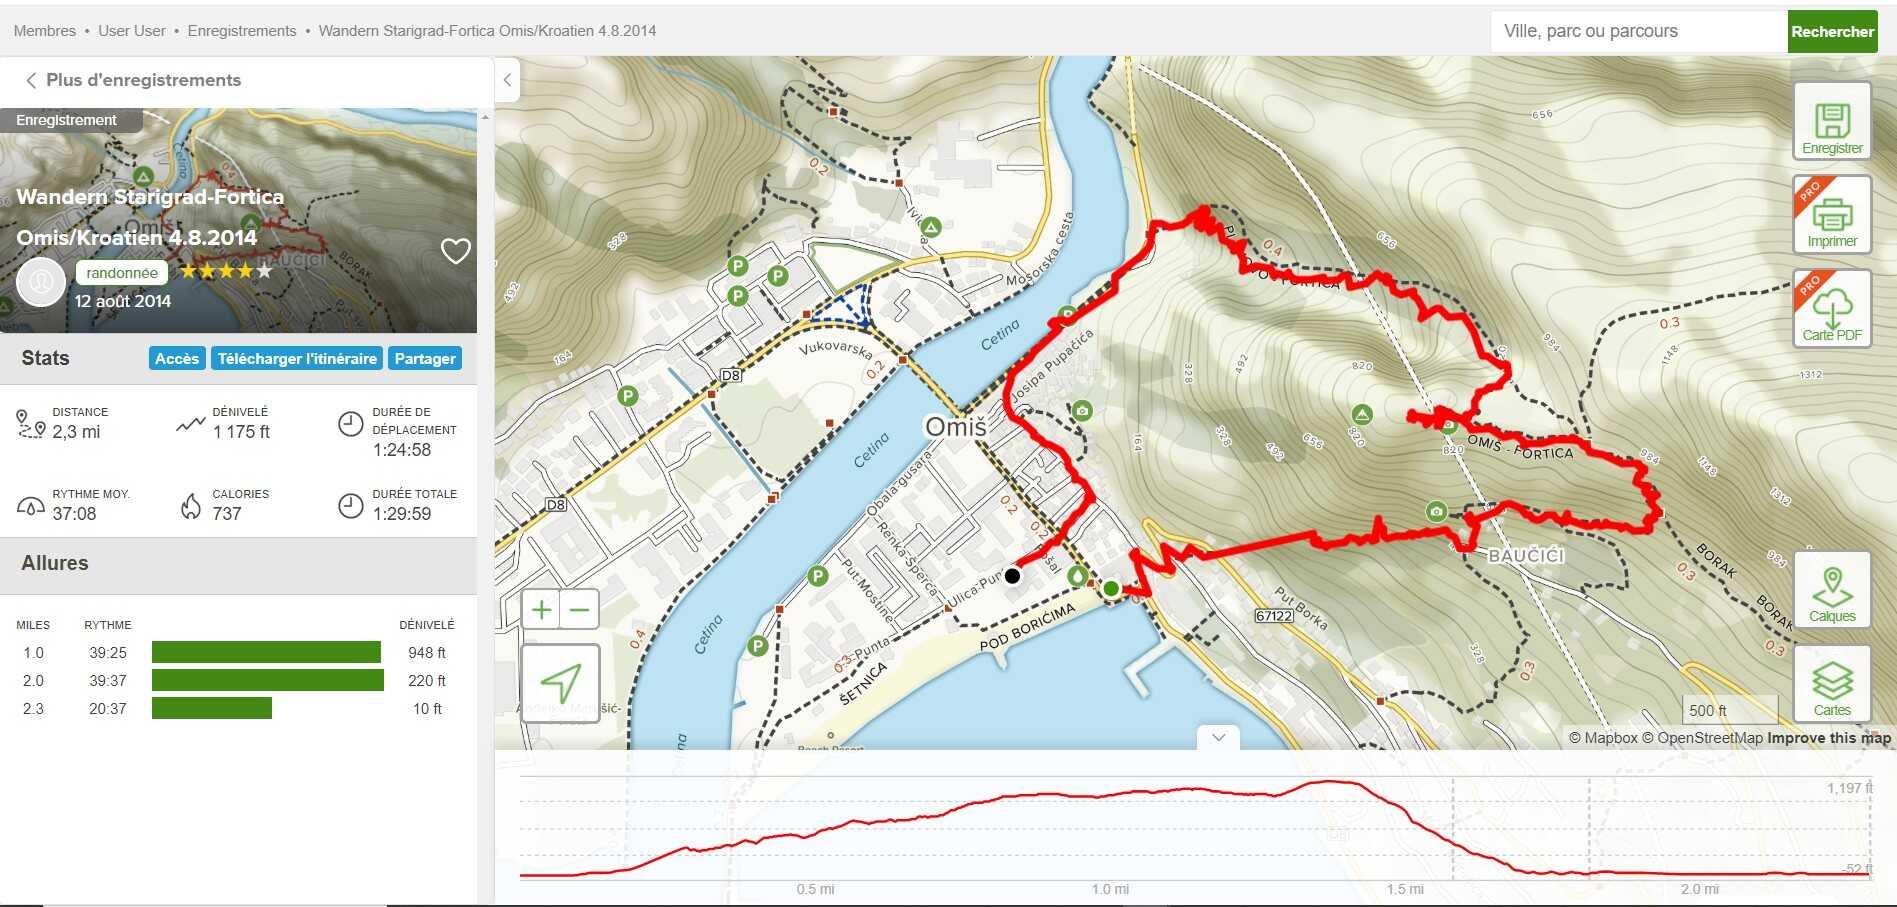 Forteresse d'Omis, Tyrolienne et Canyon de Cetina, un concentré de sensations 1